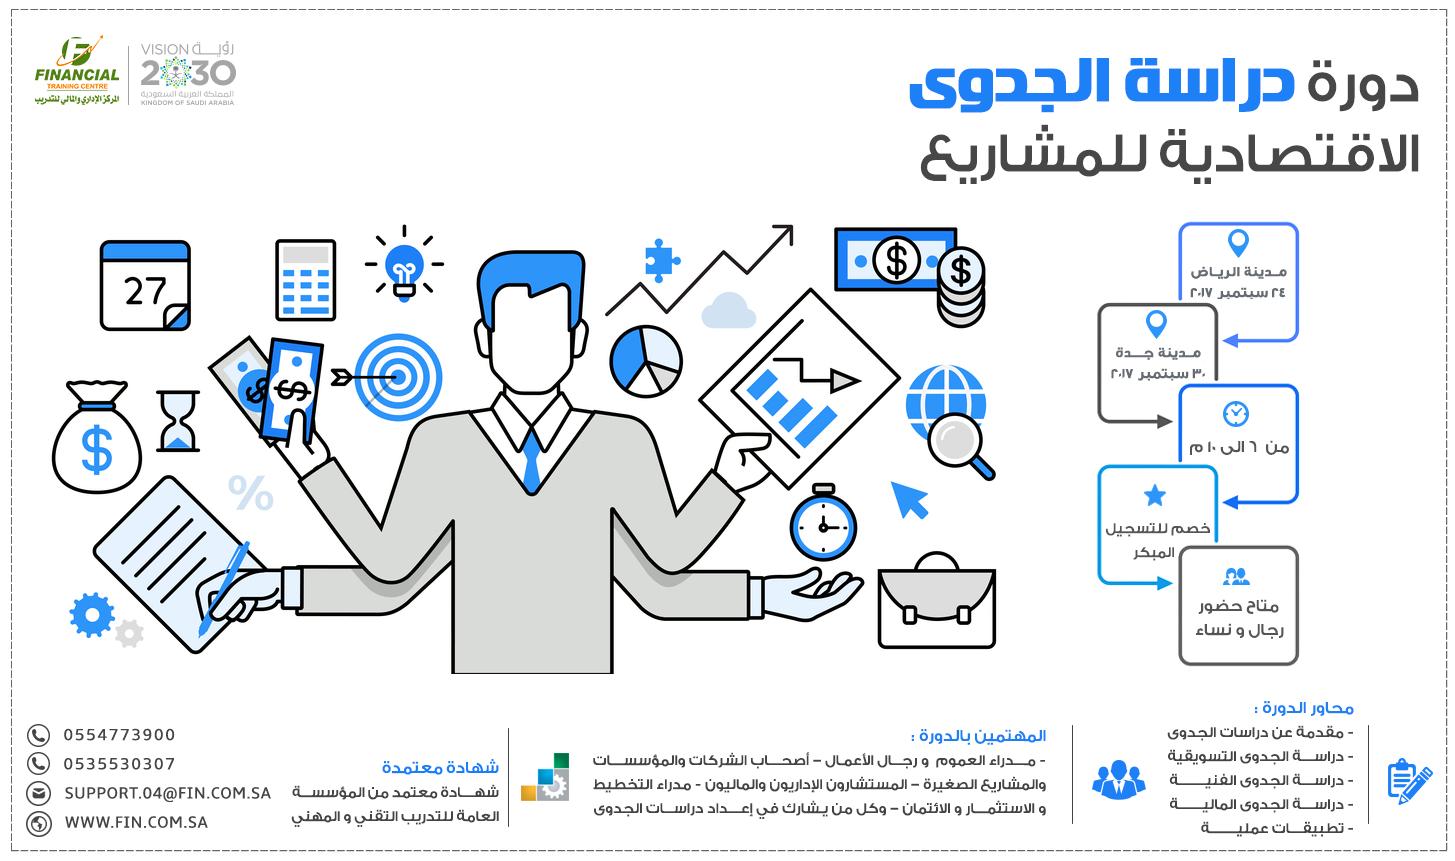 دورة دراسة الجدوى الاقتصادية Economic Feasibility Study 24 سبتمبر2017 مدينة الرياض 30 سبتمبر2017 مدينة جدة للتواصل 055477390 Bullet Journal Journal